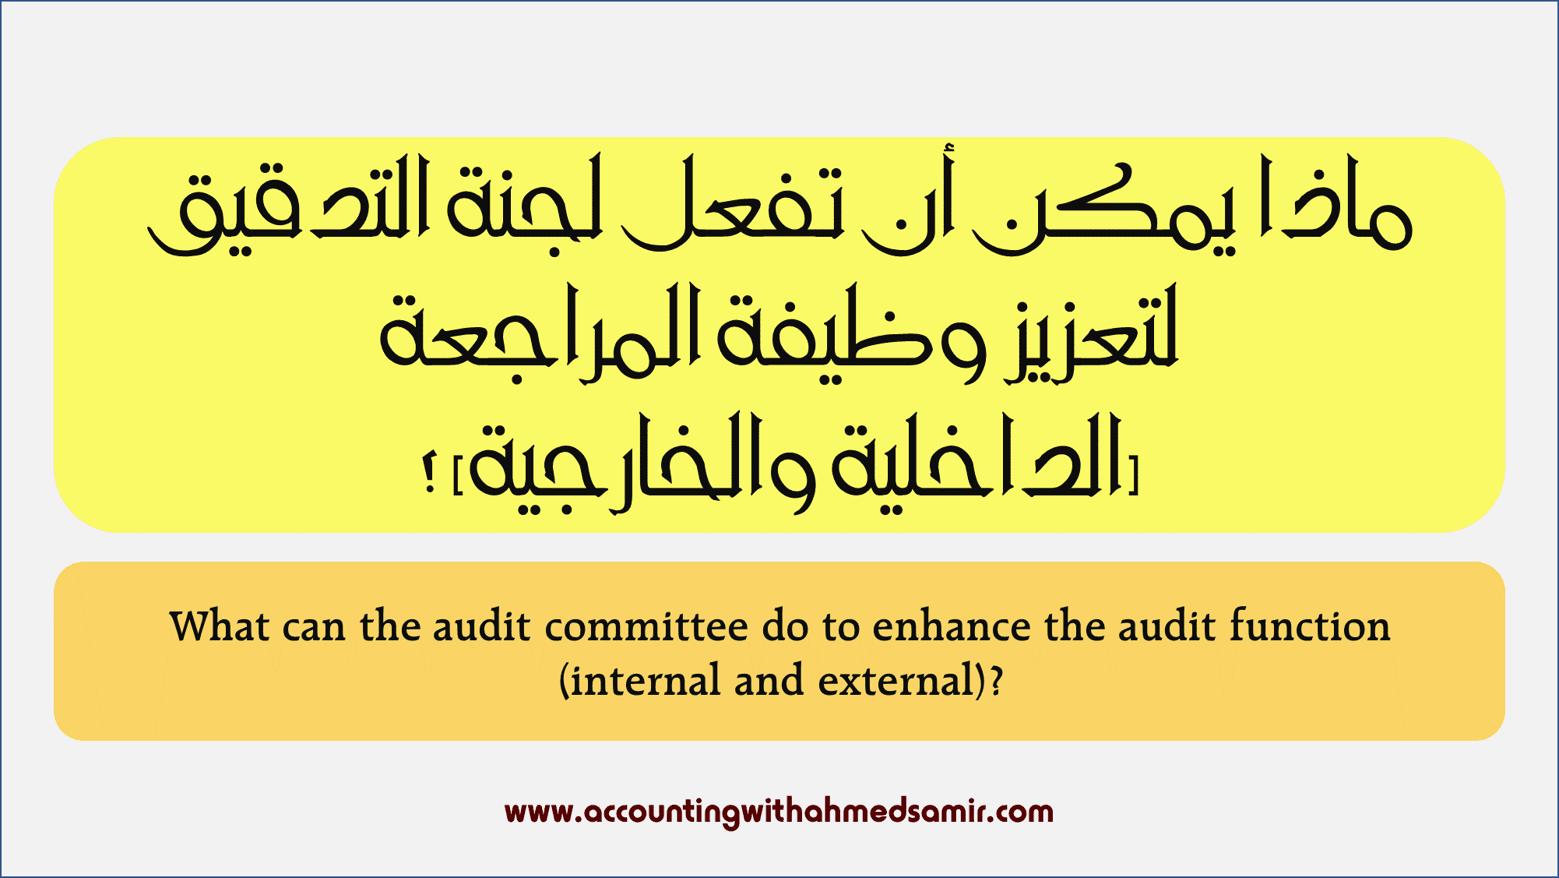 ماذا يمكن أن تفعل لجنة التدقيق لتعزيز وظيفة المراجعة (الداخلية والخارجية) ؟